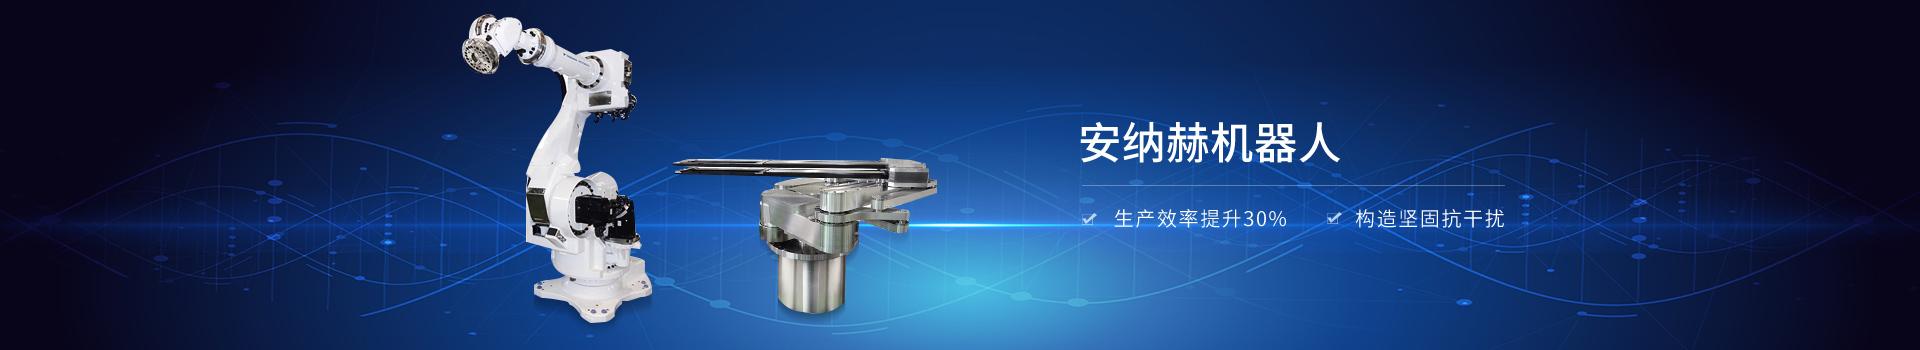 安纳赫机器人—— *生产效率提升30%  *构造坚固抗干扰